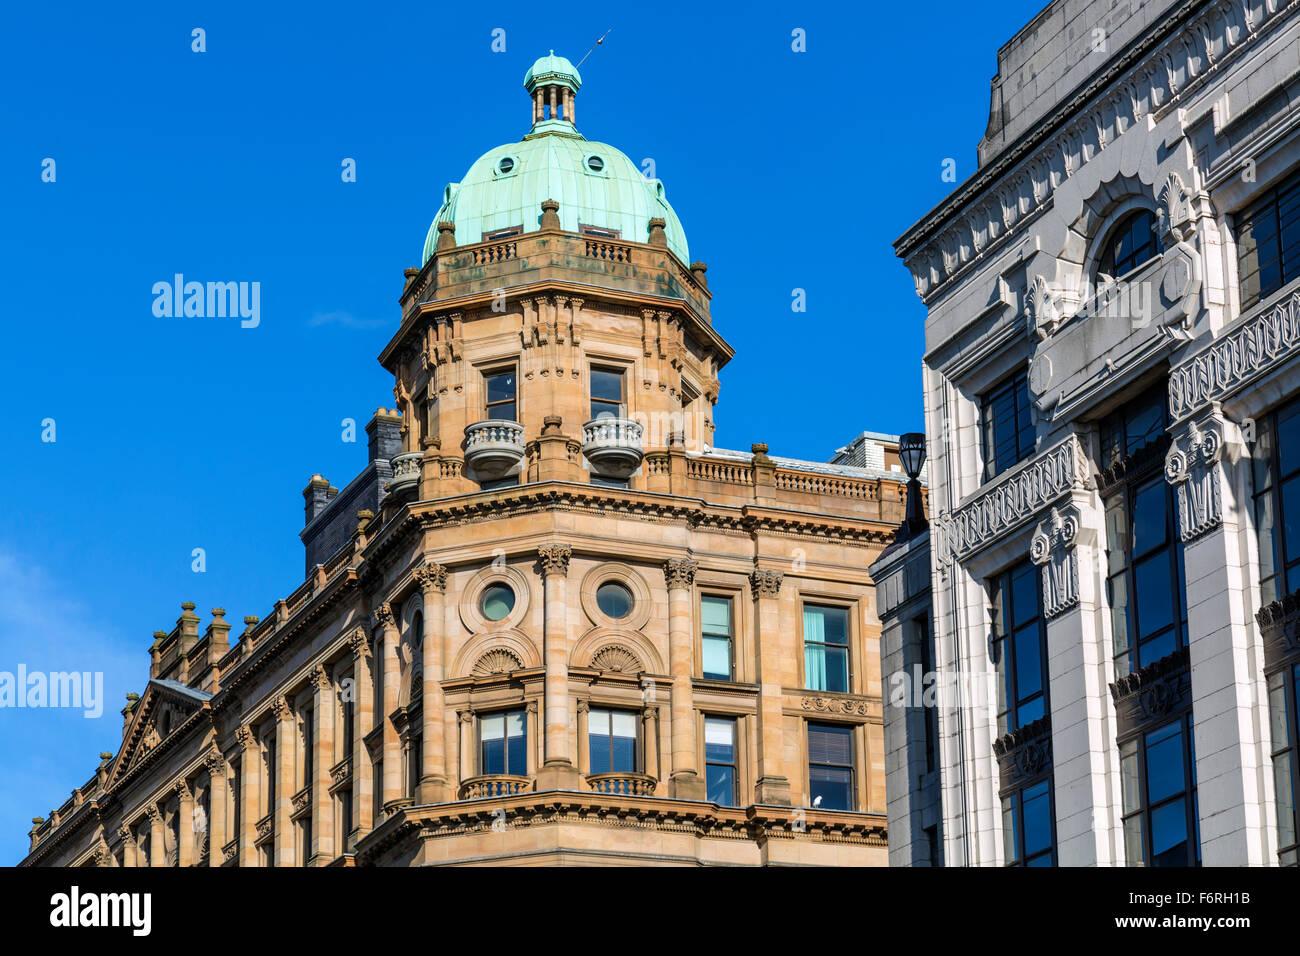 Dôme en cuivre au sommet du bâtiment du Fraser, à l'angle de la rue Argyle et de la rue Buchanan, dans le centre-ville de Glasgow, en Écosse, au Royaume-Uni Banque D'Images